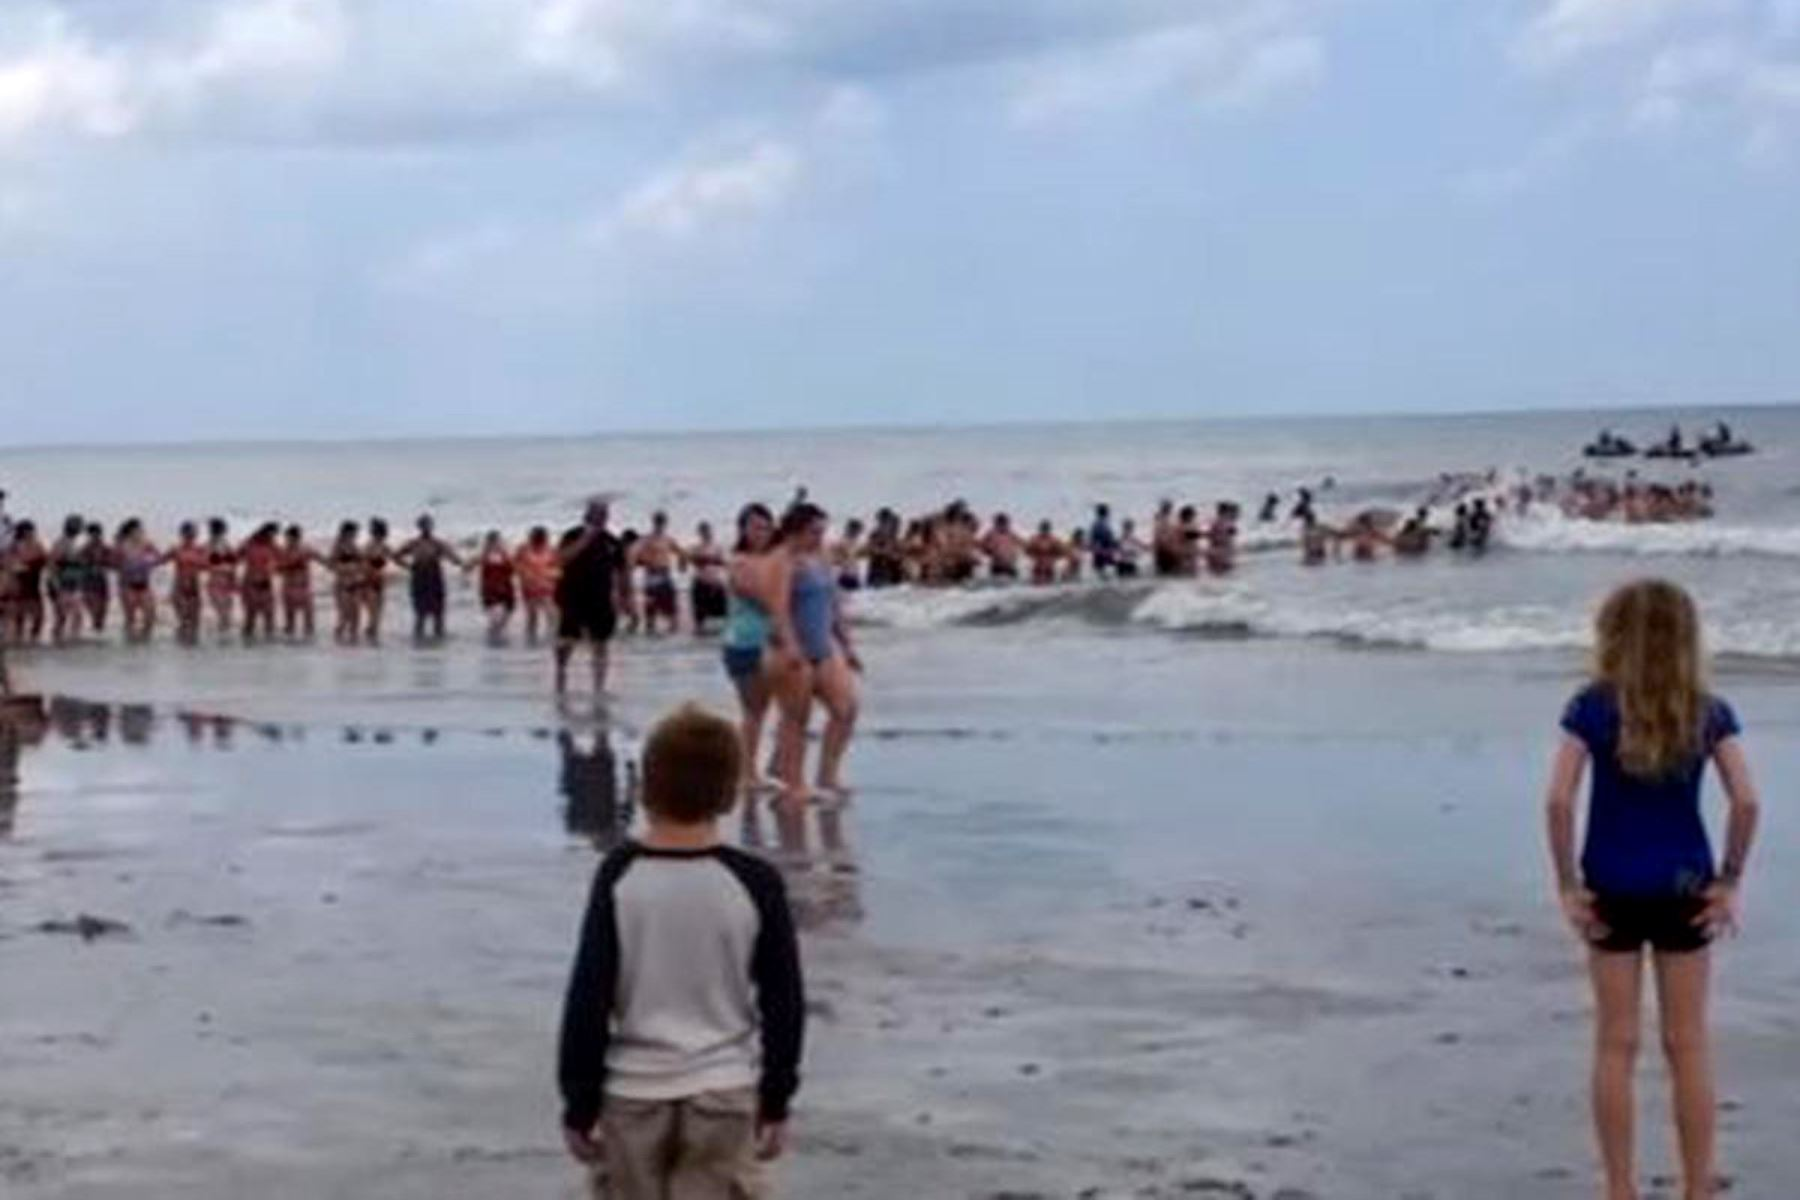 En el video se ve una larga cadena humana formada desde la orilla de la playa que penetra en un mar picado con unos bañistas a la cabeza llevando un flotador. Foto: captura de internet.